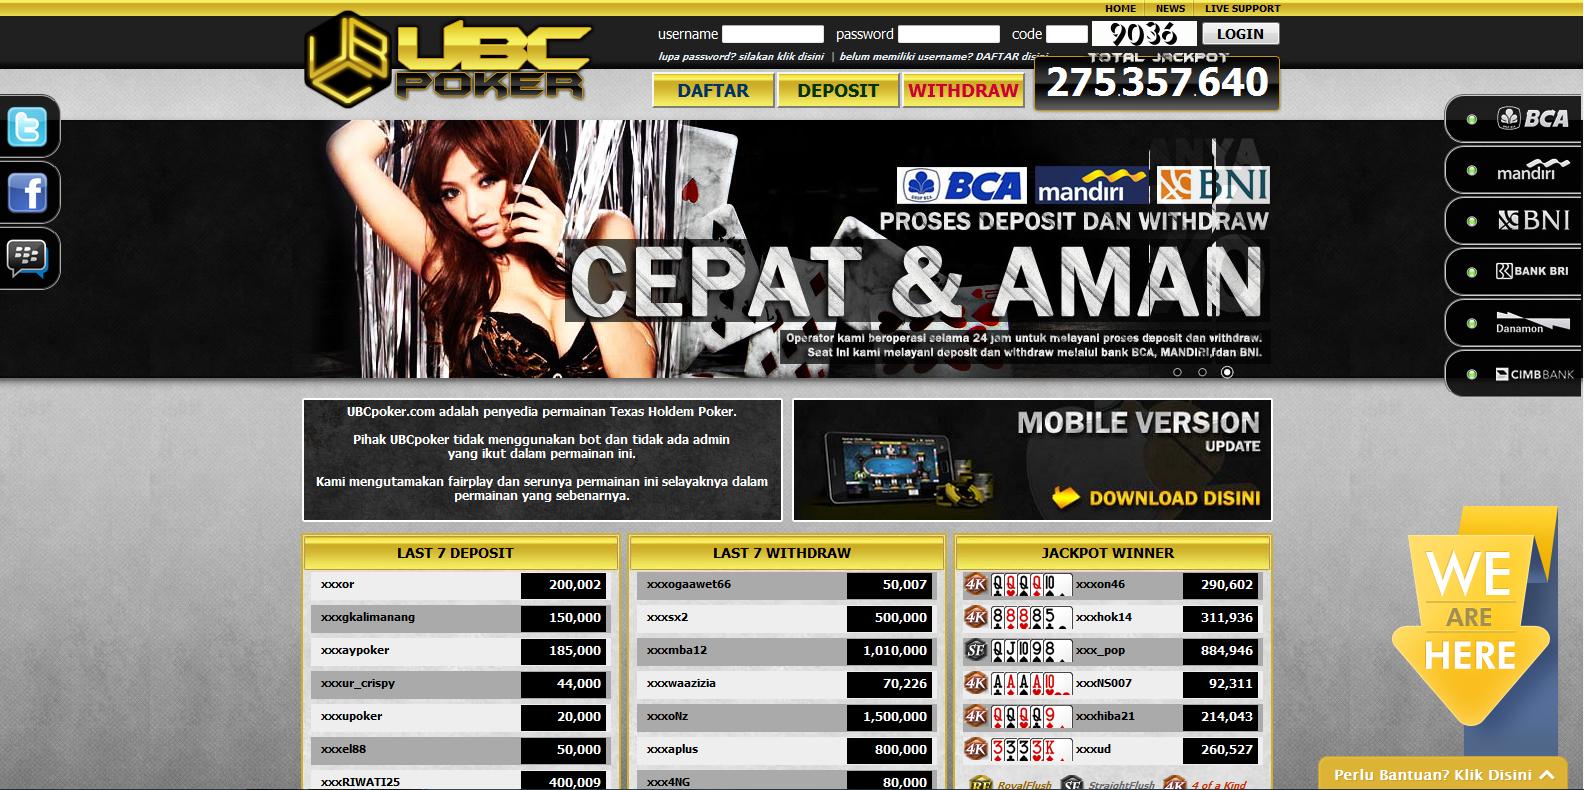 Ubc Poker Terpercaya Dan Poker Uang Asli Terbaik Poker Uang Asli Terbaik